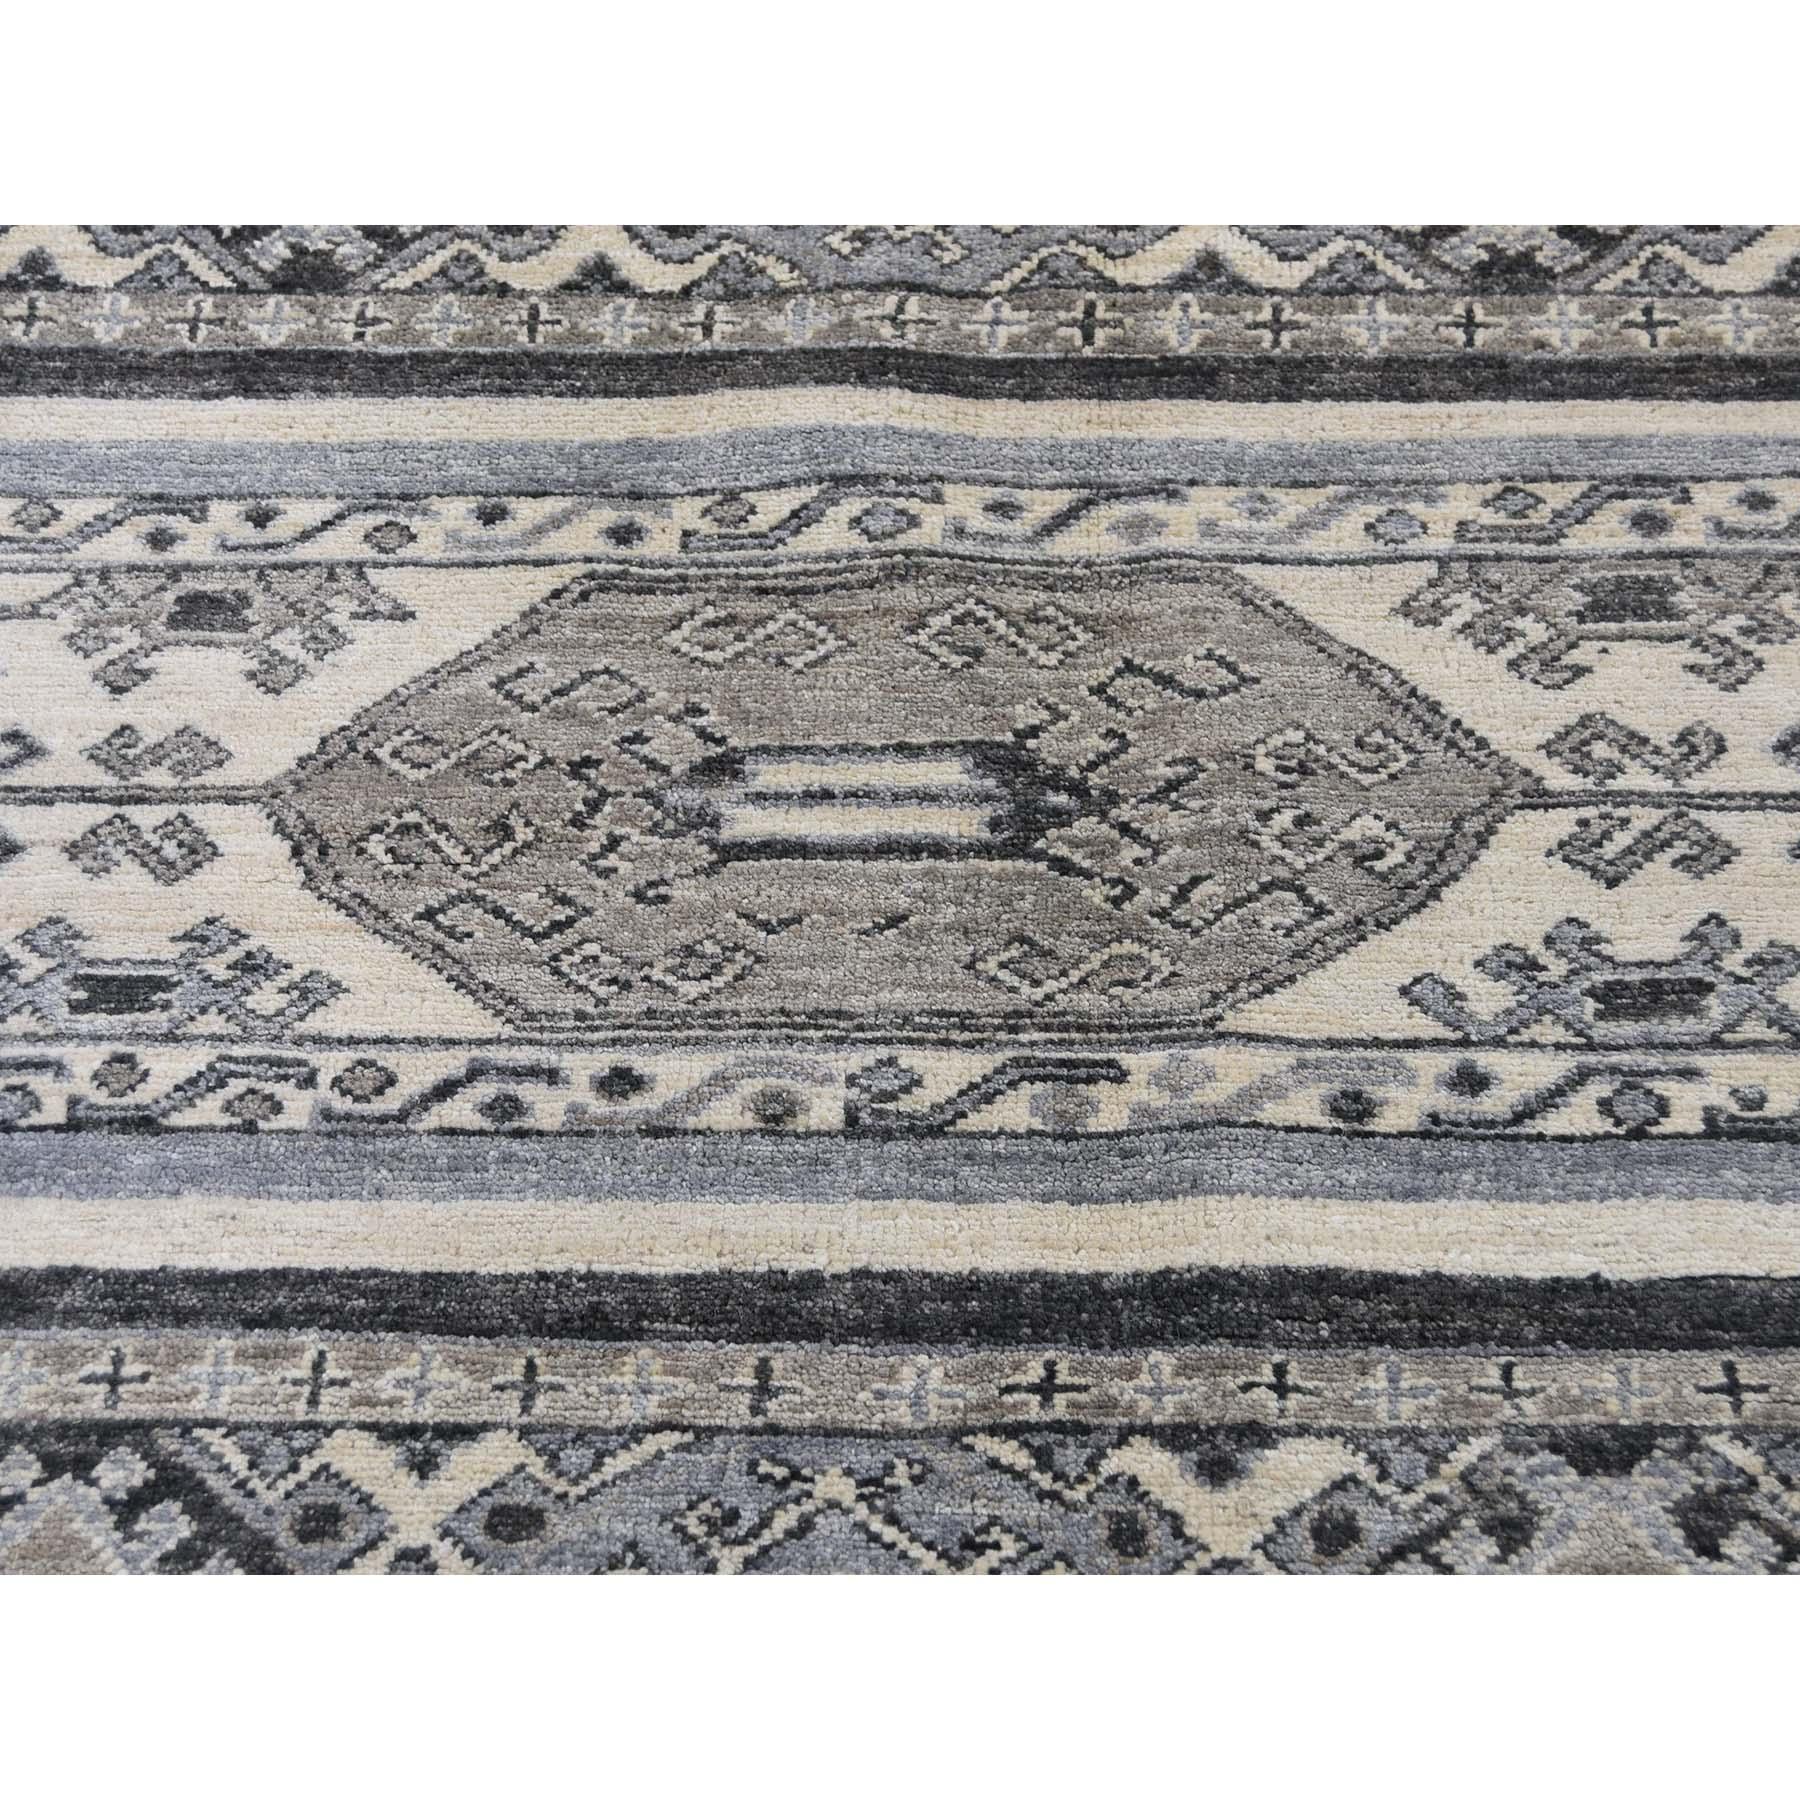 8-6 x10- Super Kazak Khorjin Design Natural Colors Hand-Knotted Oriental Rug